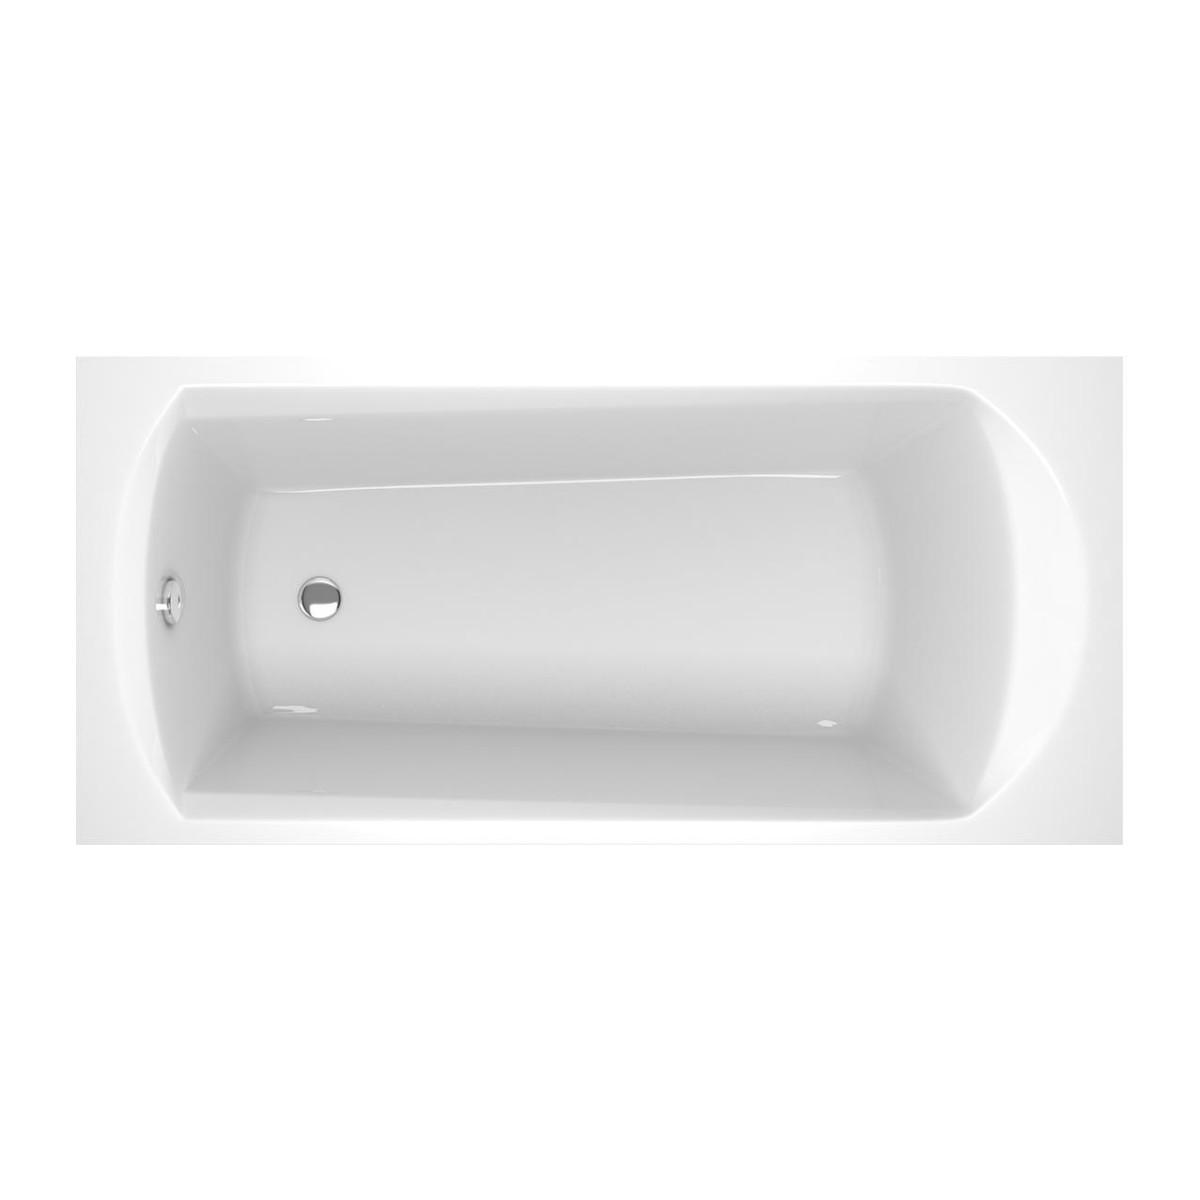 Акриловая прямоугольная ванна Ravak Domino 170х75 см C631000000